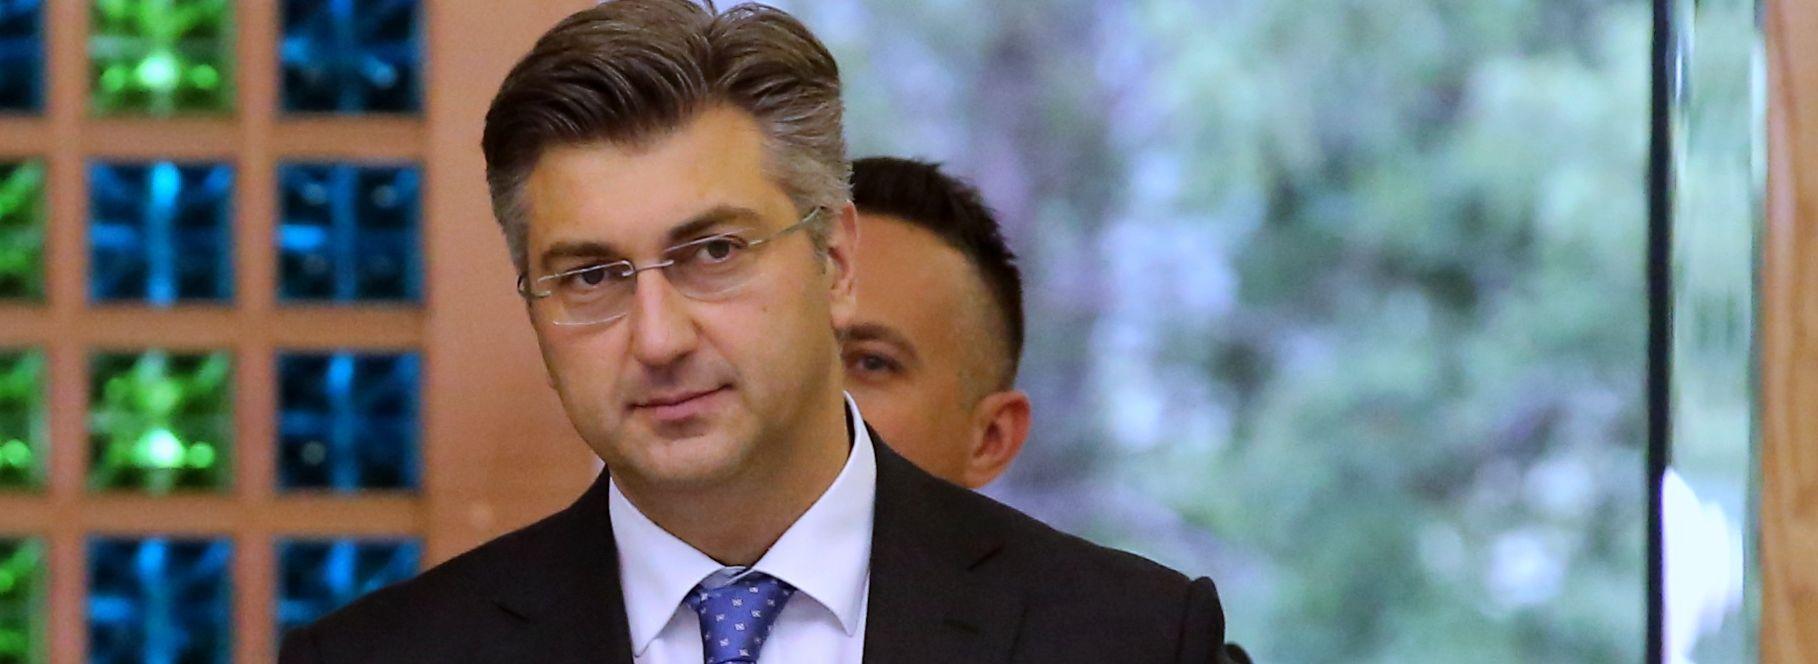 Plenković dobio mandat za sastavljanje Vlade